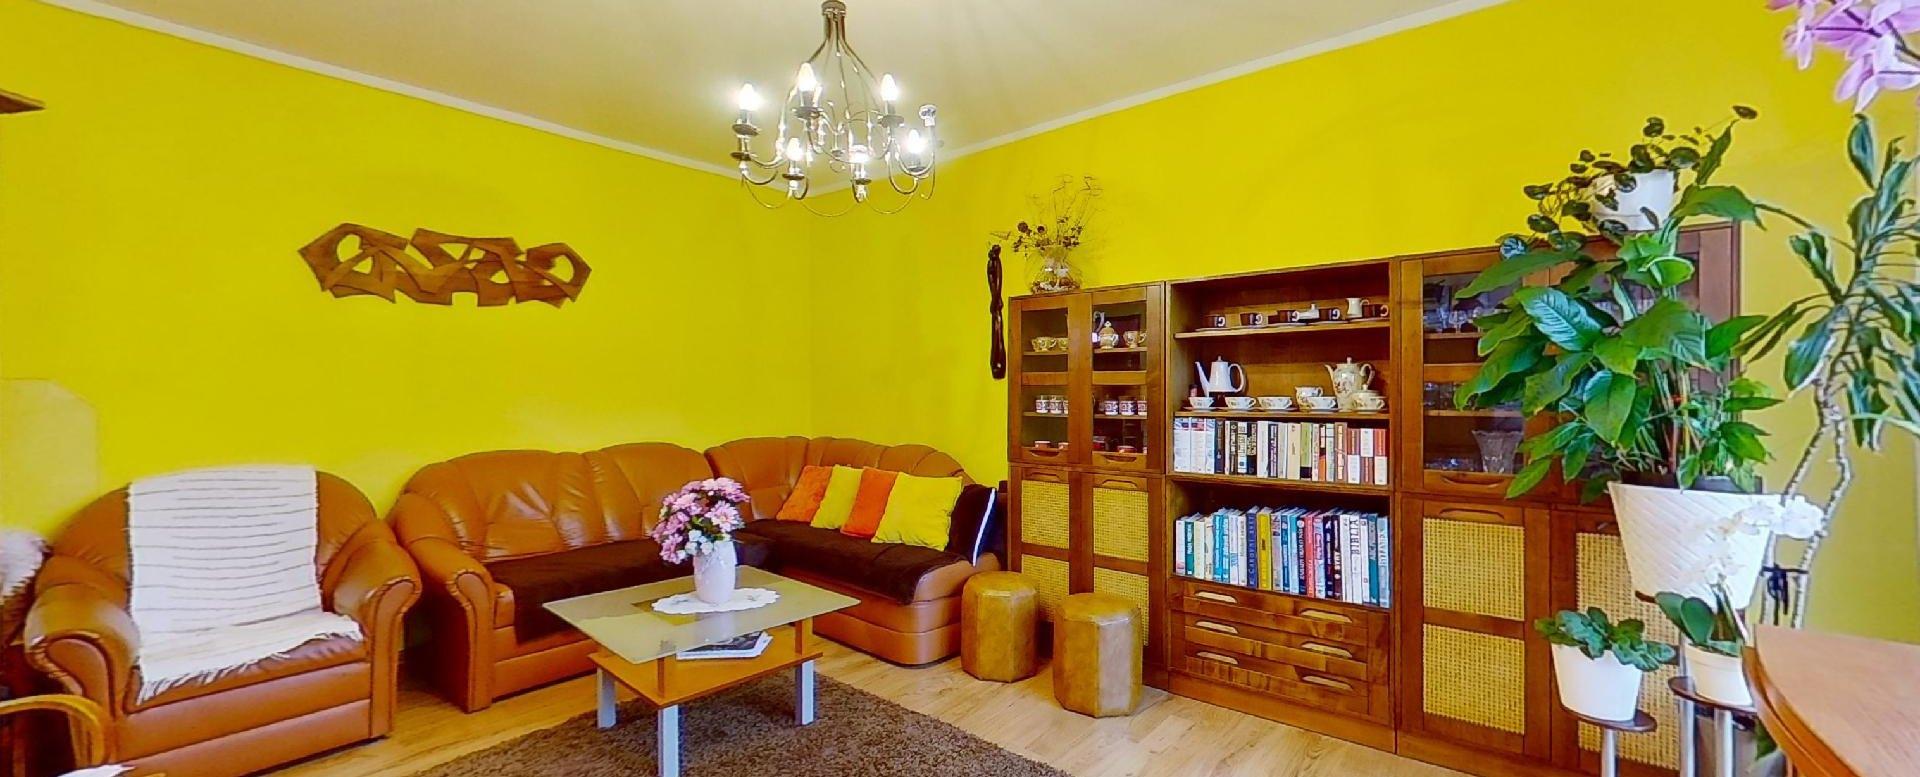 obývacia izba so sedacou súpravou a nábytkom